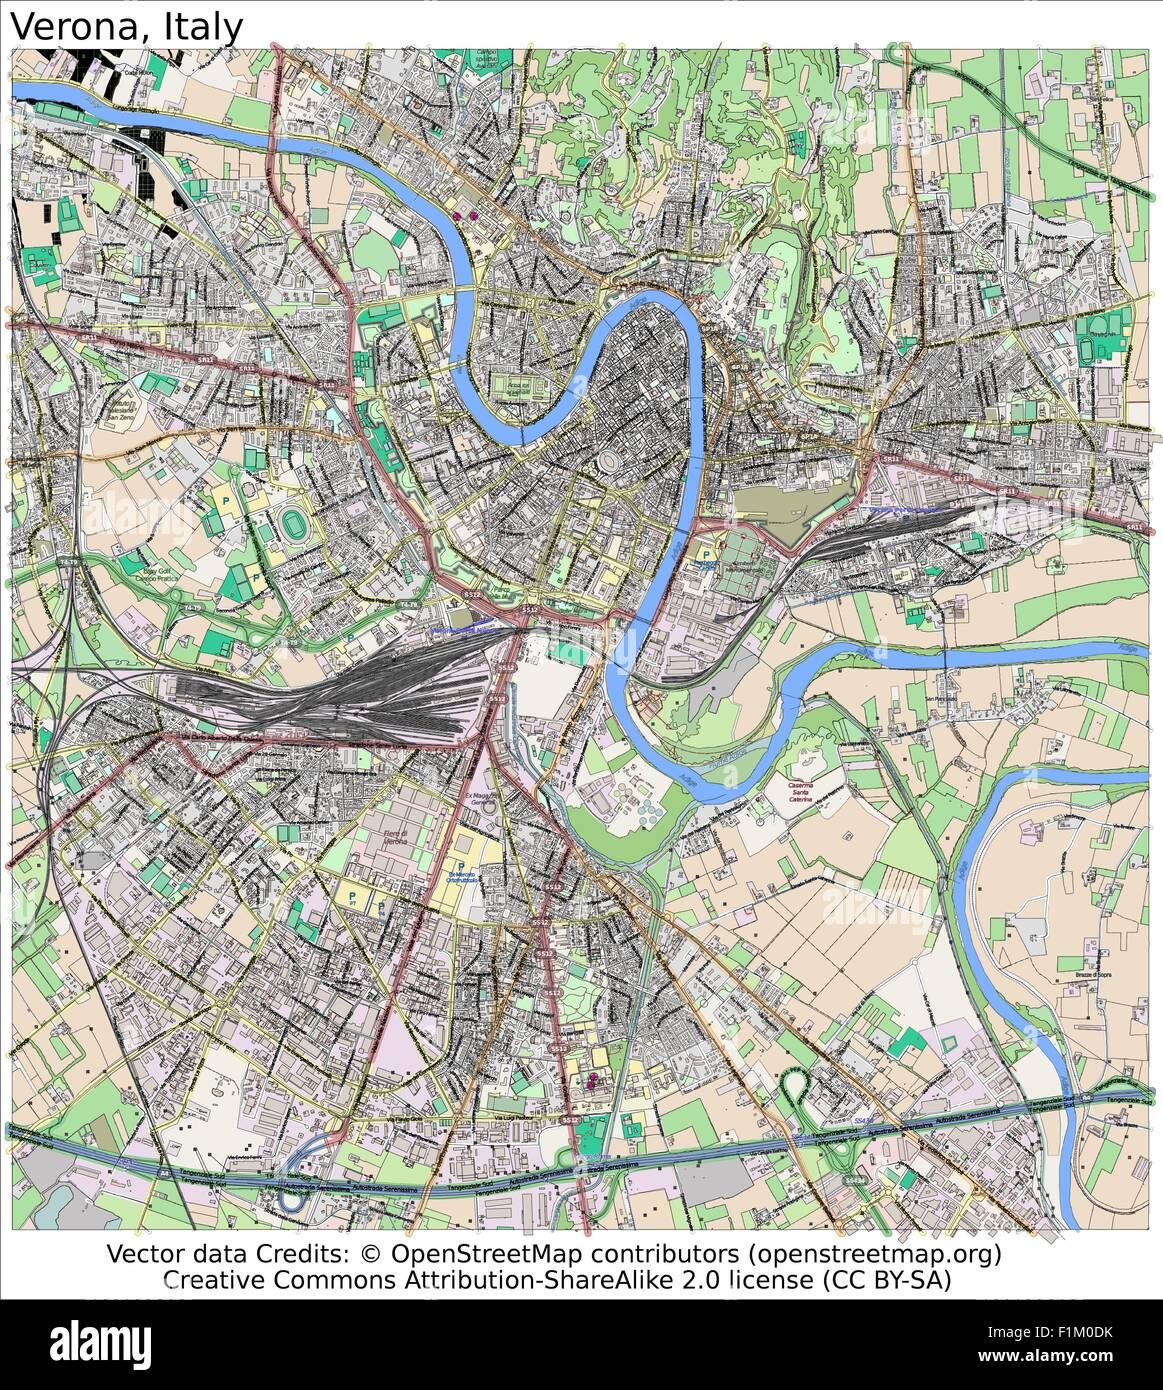 Verona Italien Karte.Verona Italien Karte Luftbild Vektor Abbildung Bild 87105919 Alamy